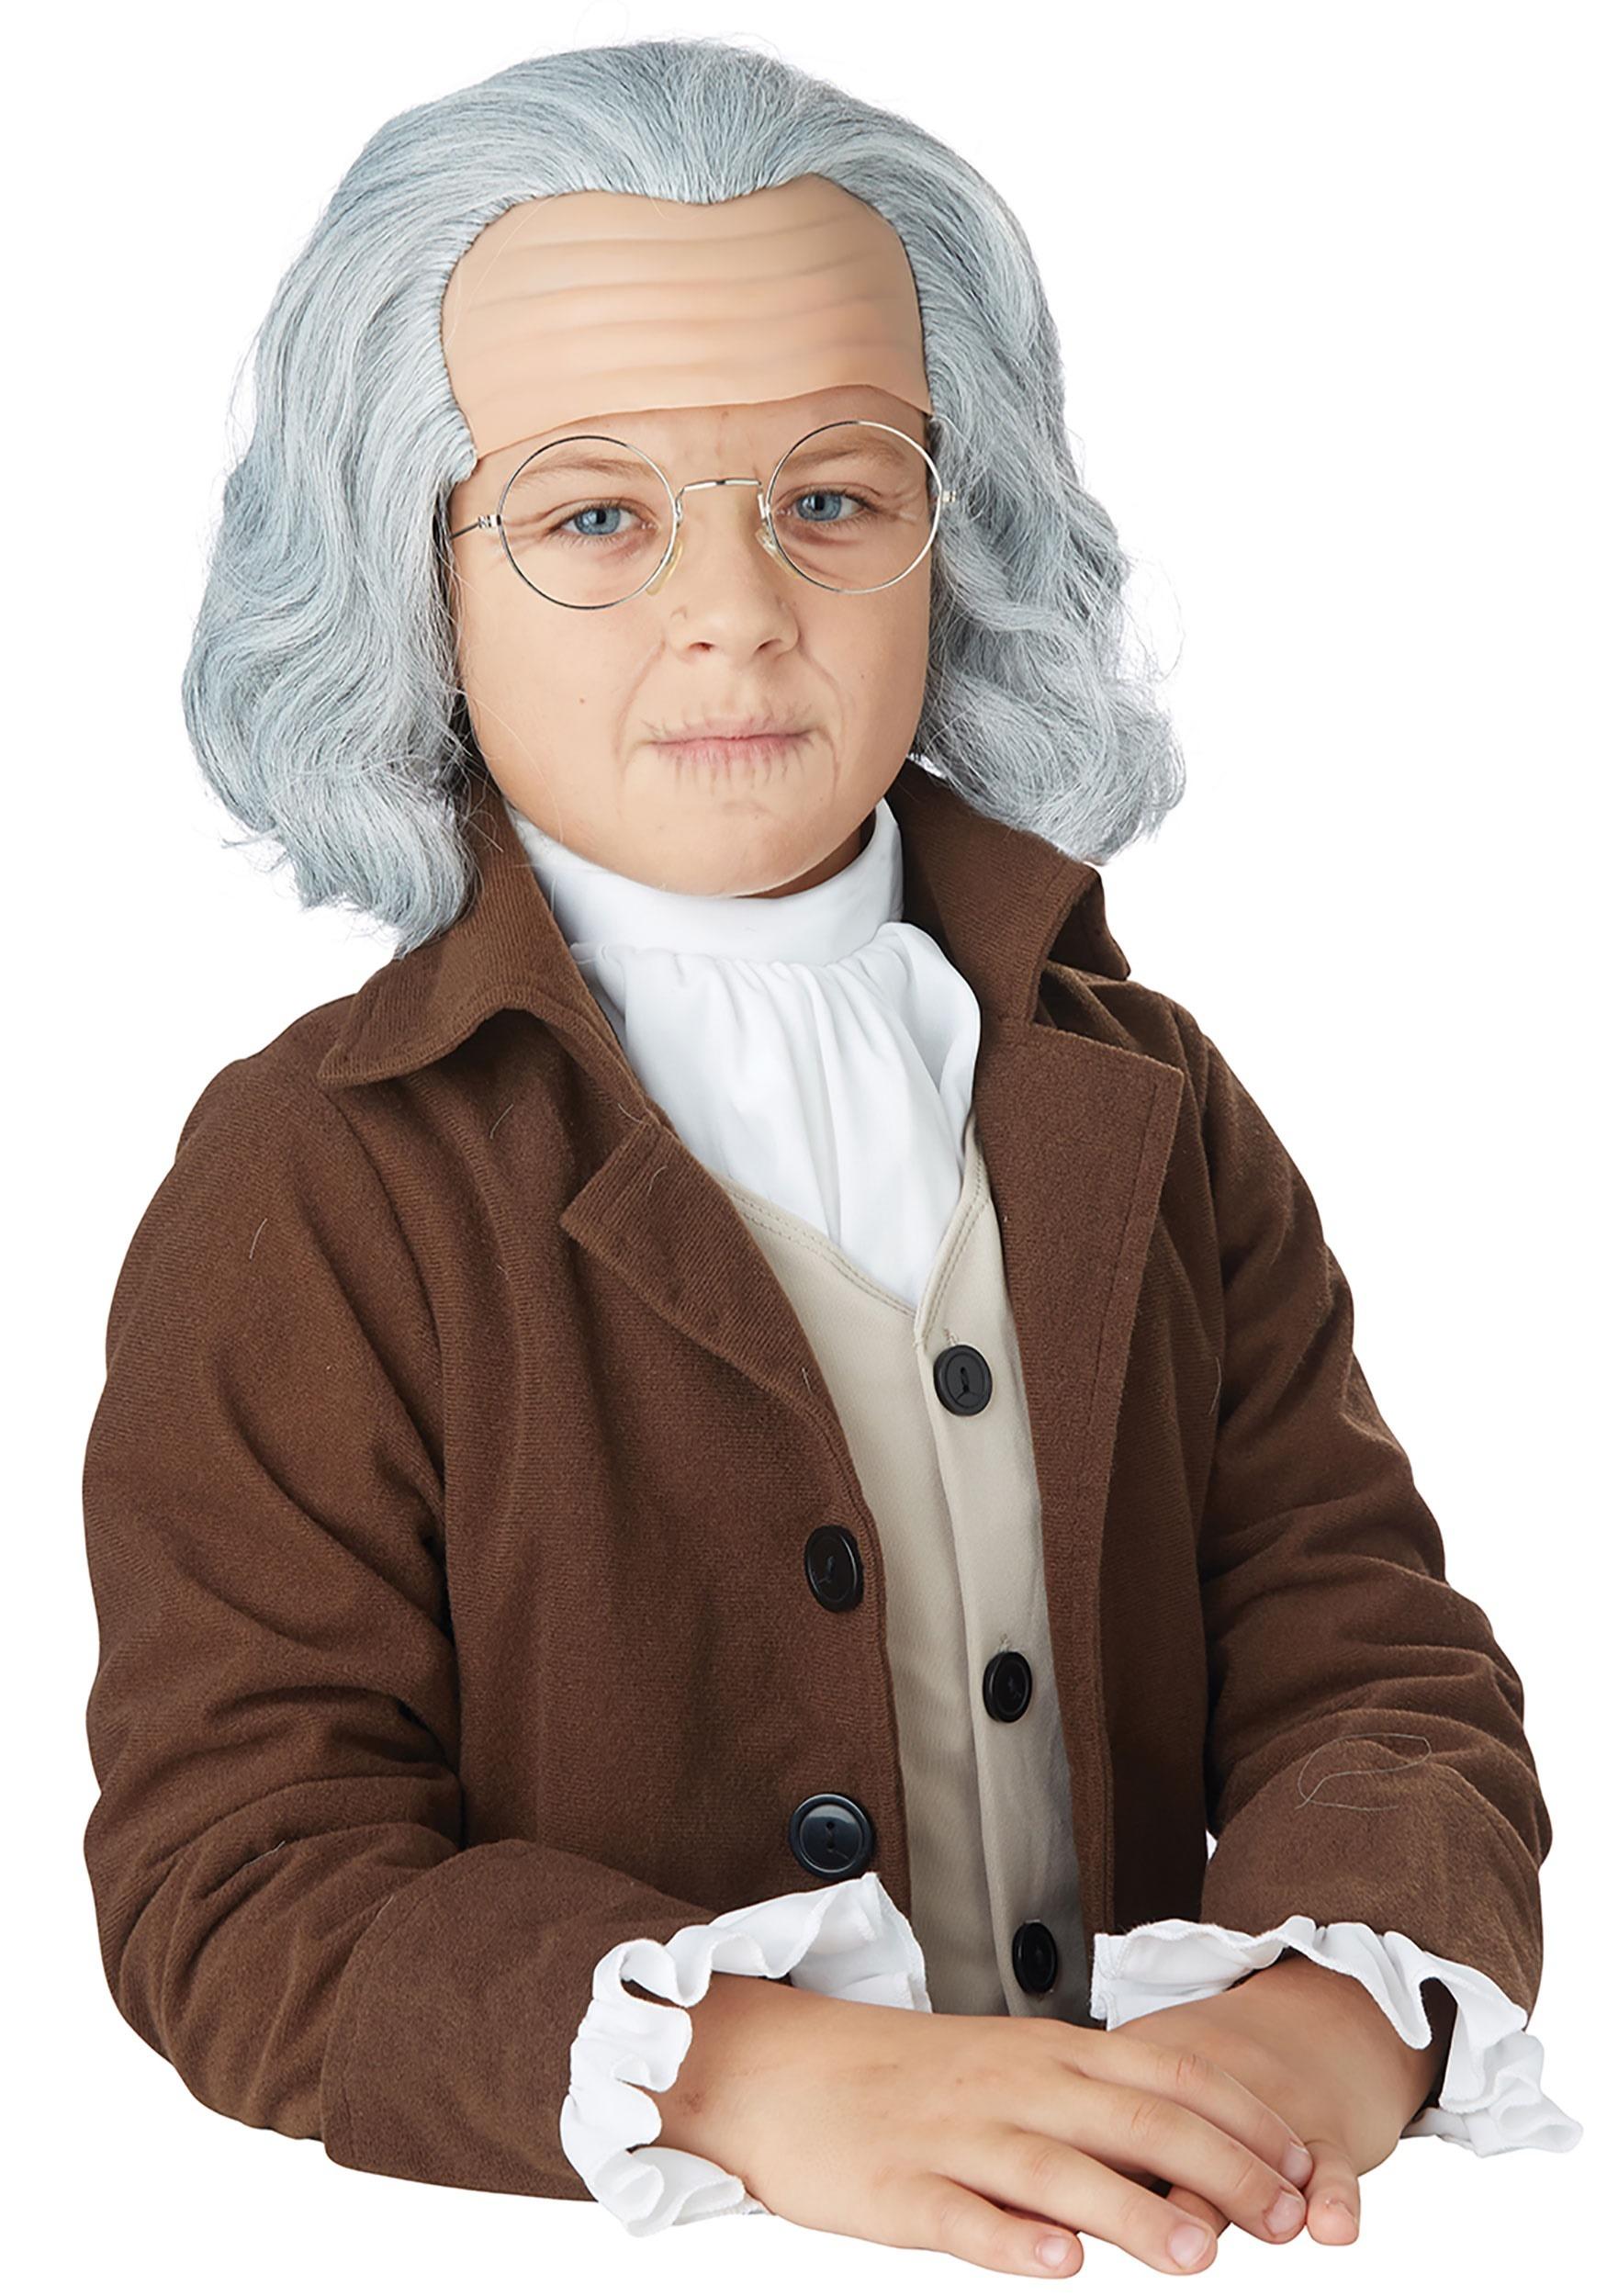 Child Benjamin Franklin WigBenjamin Franklin As A Child